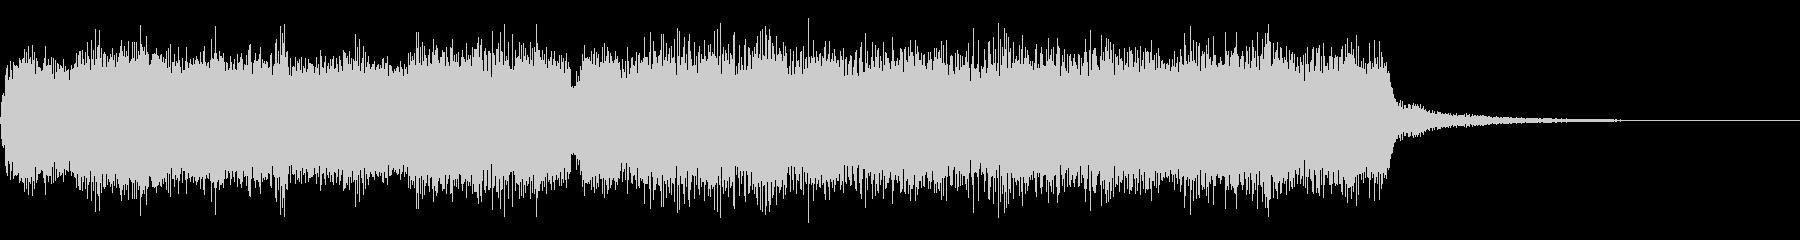 パイプオルガンの未再生の波形